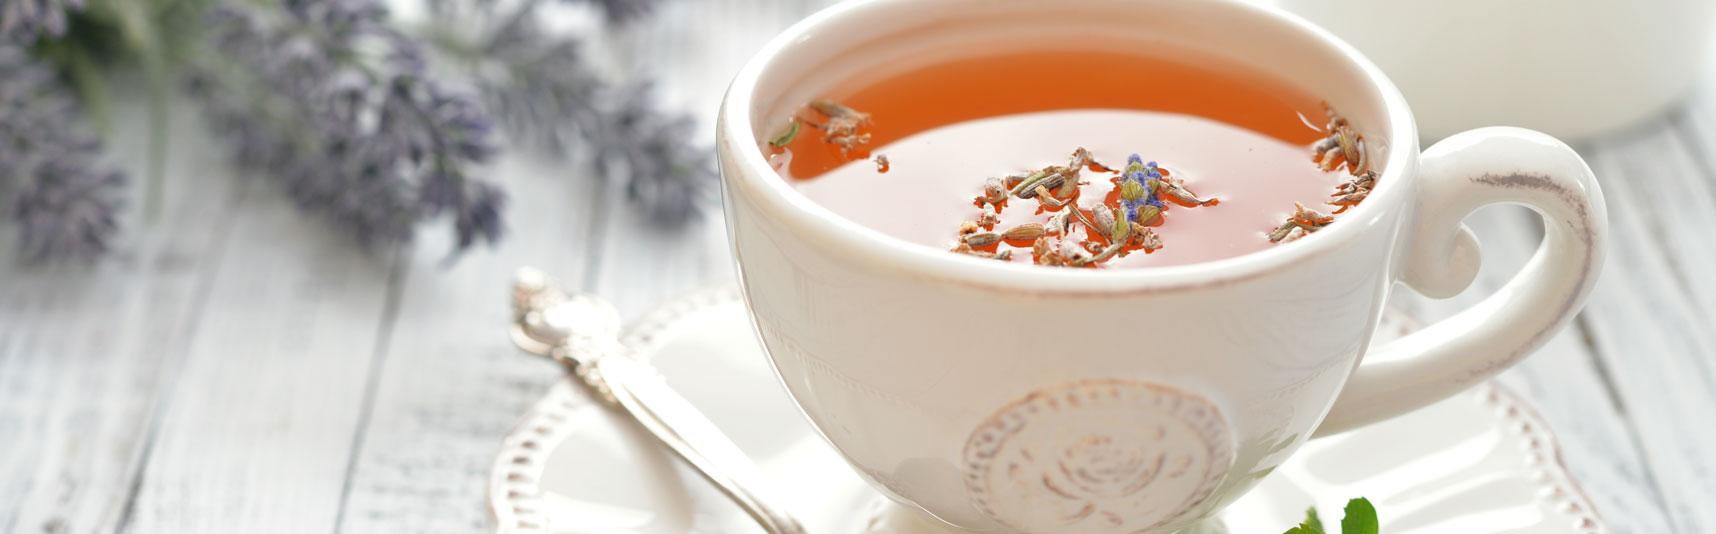 Lavanta Çayı'nın Faydaları